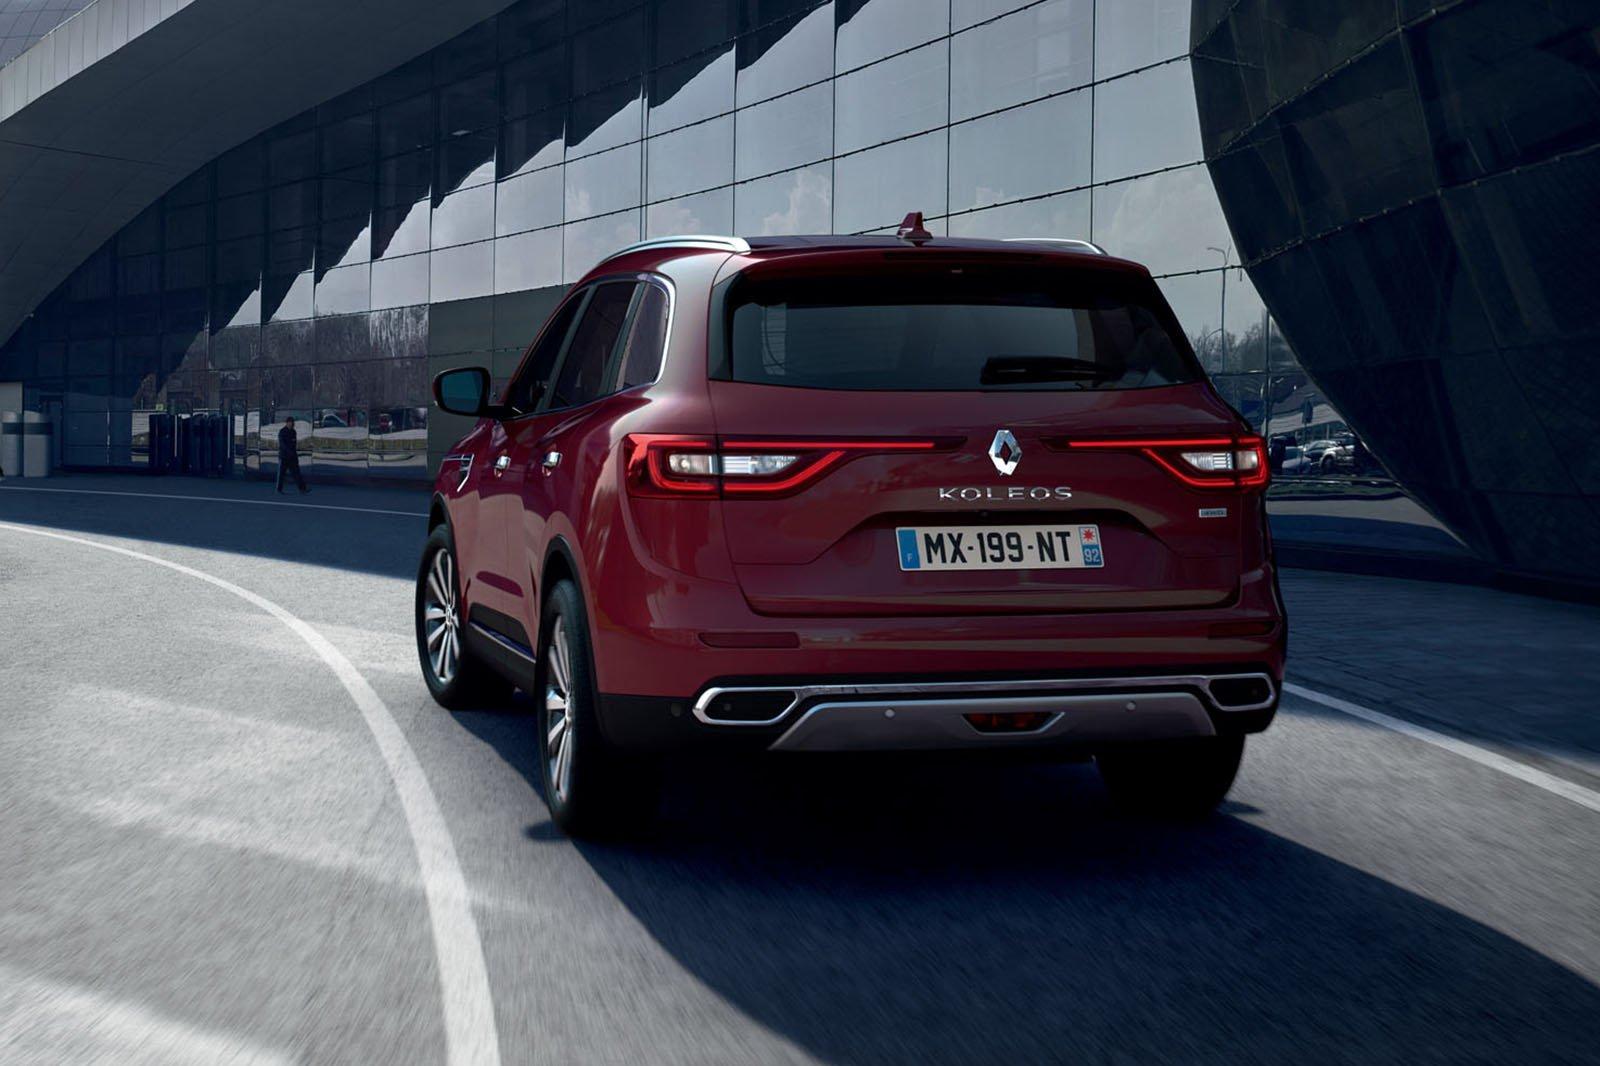 Renault Koleos rear